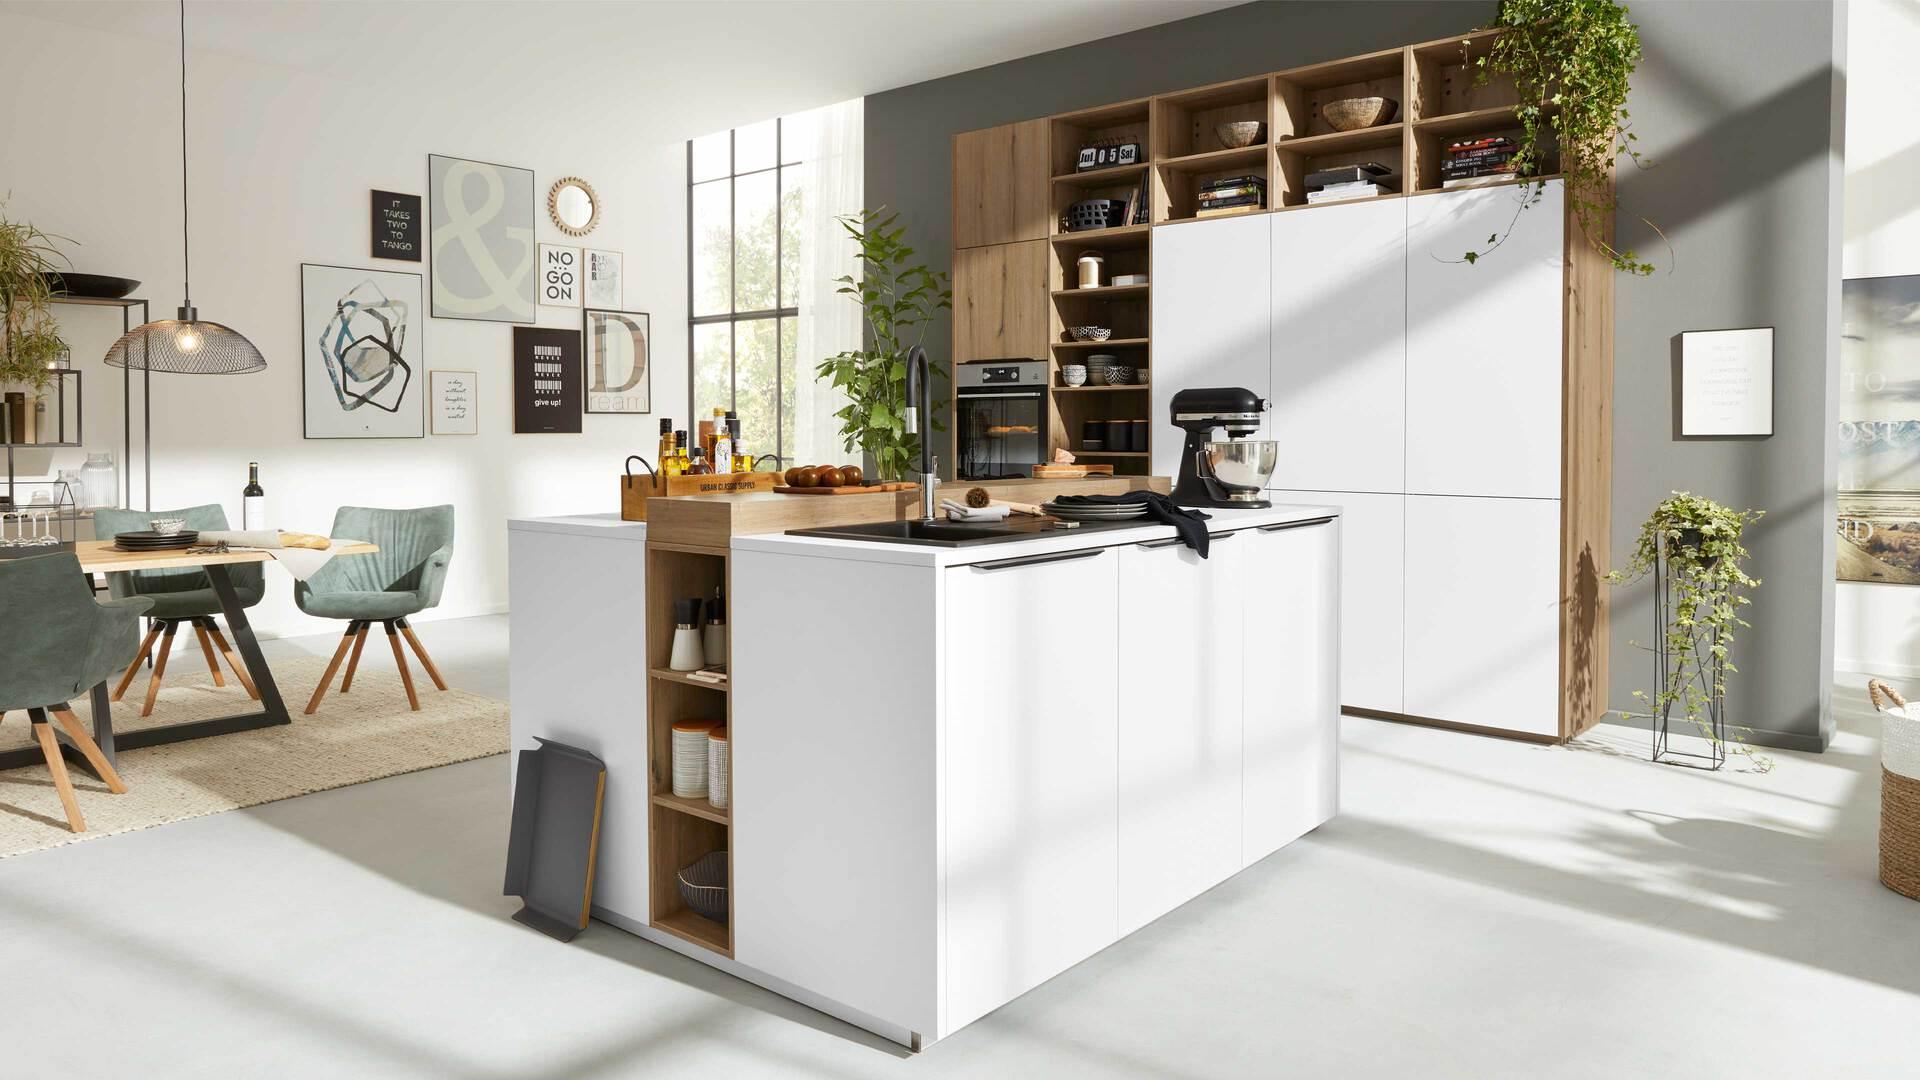 Interliving Küche Serie 3039 mit AEG Einbaugeräten